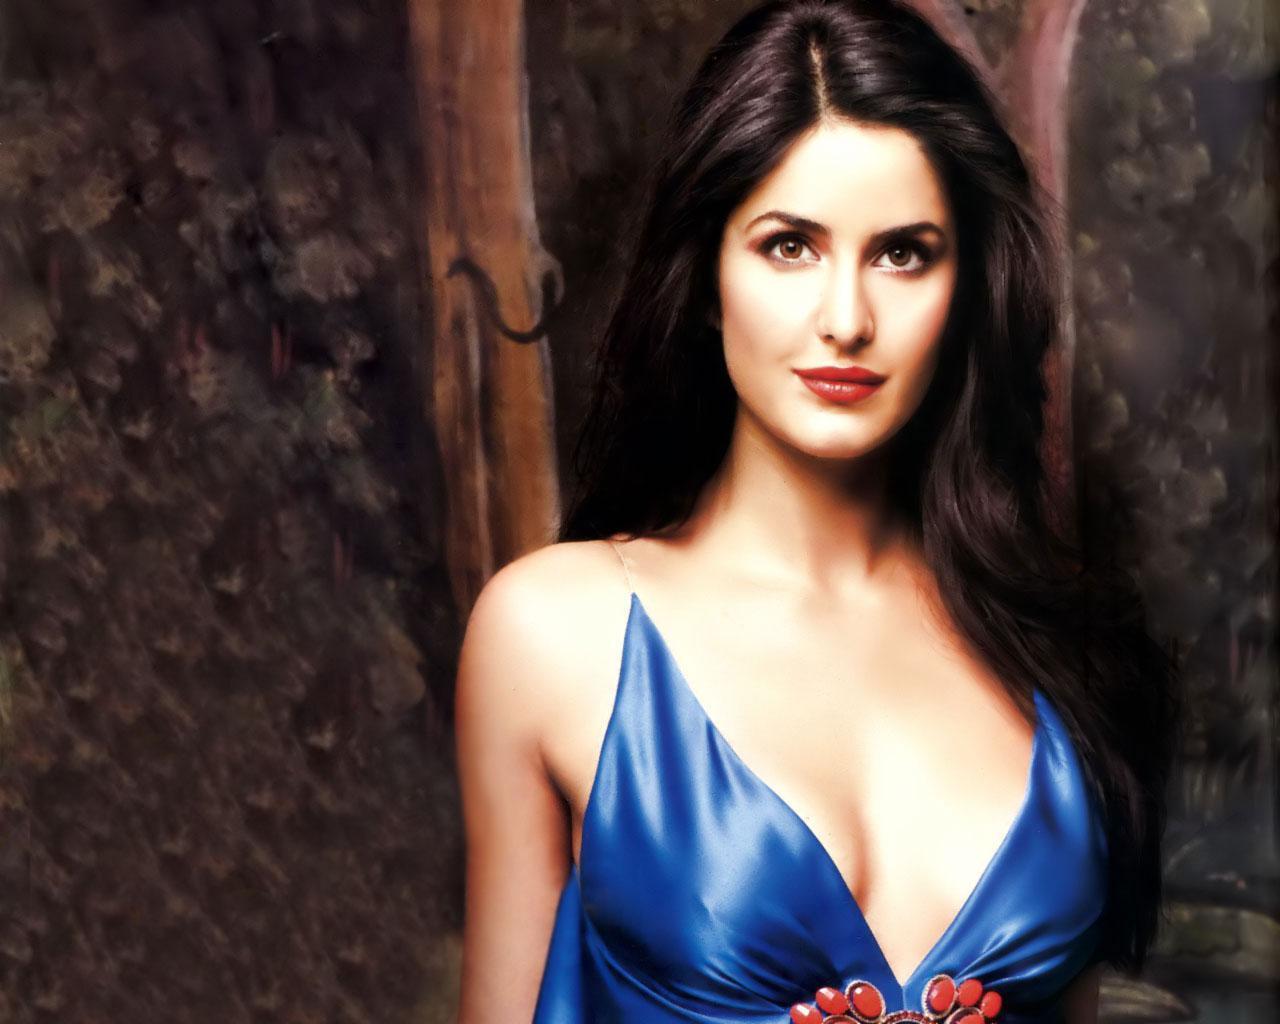 Hot Bollywood Actress Katrina Kaif in Red Clothe HD